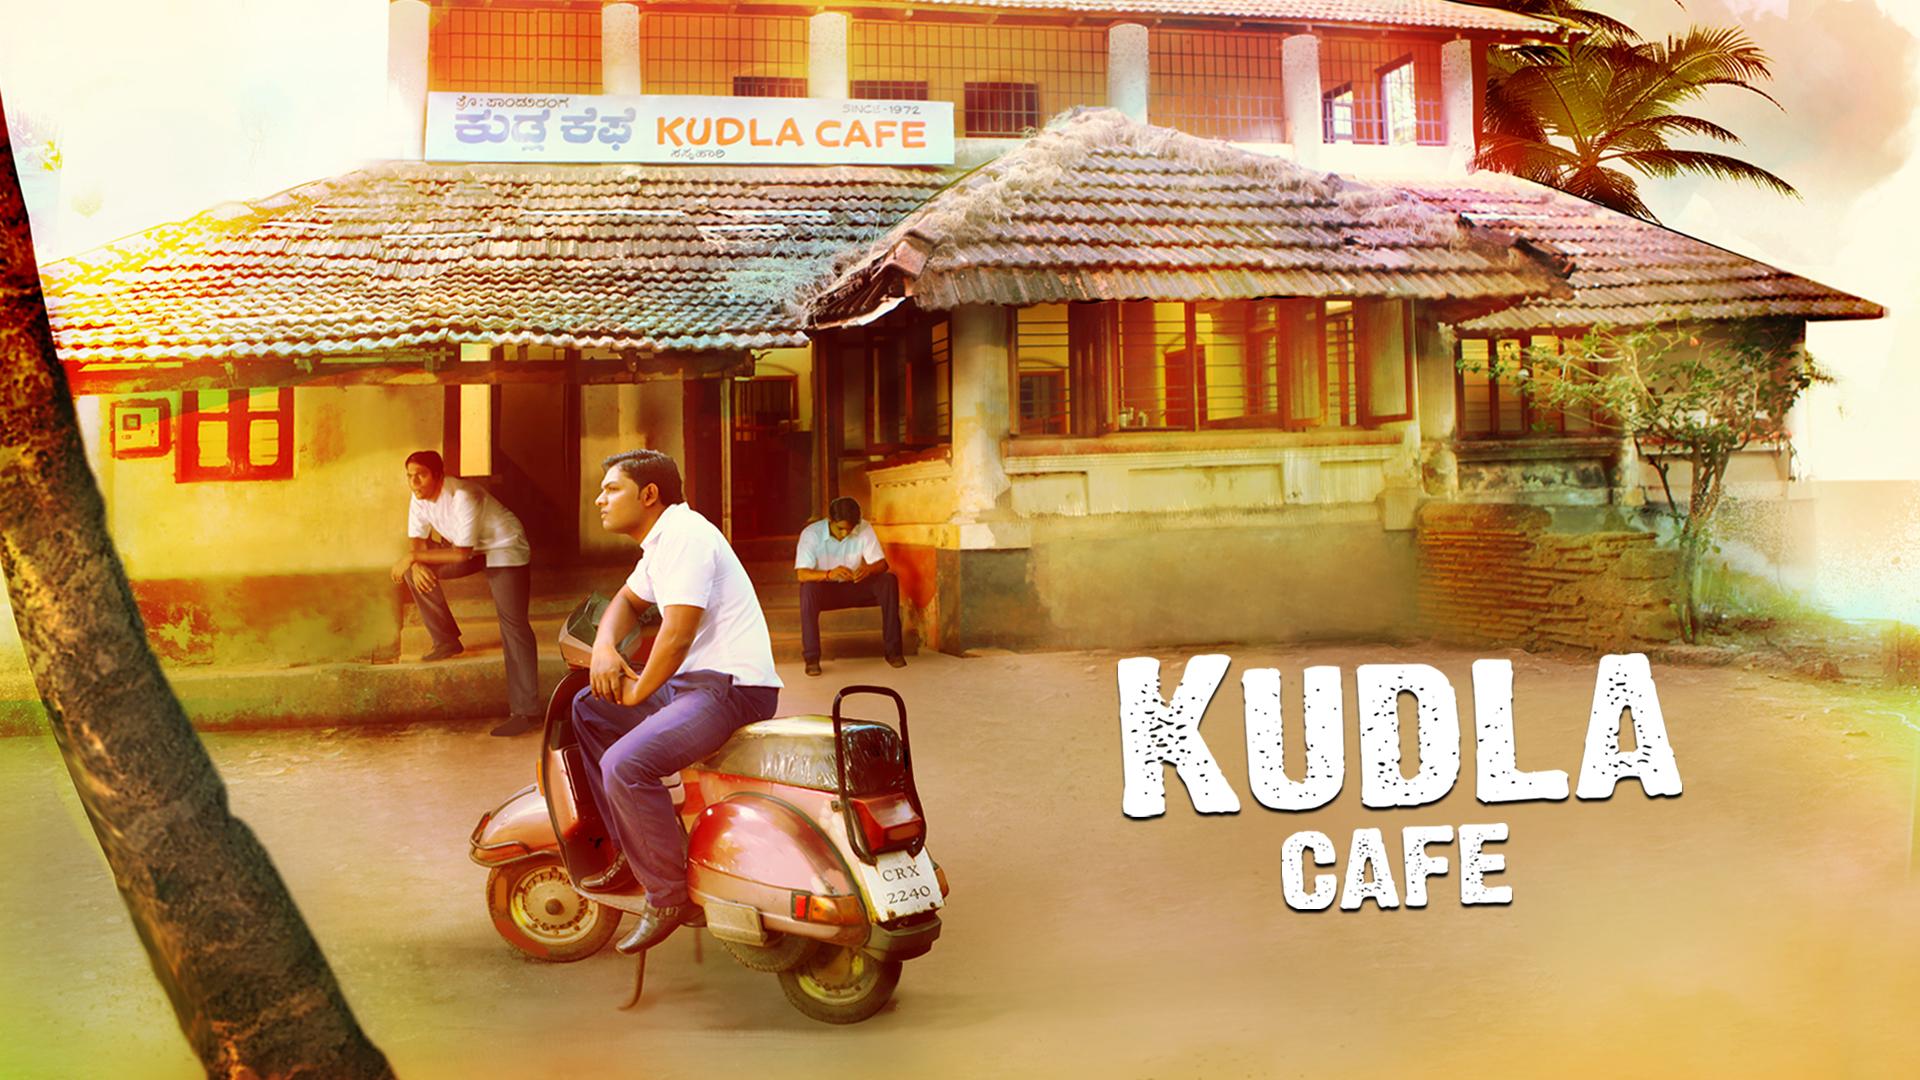 Kudla Cafe